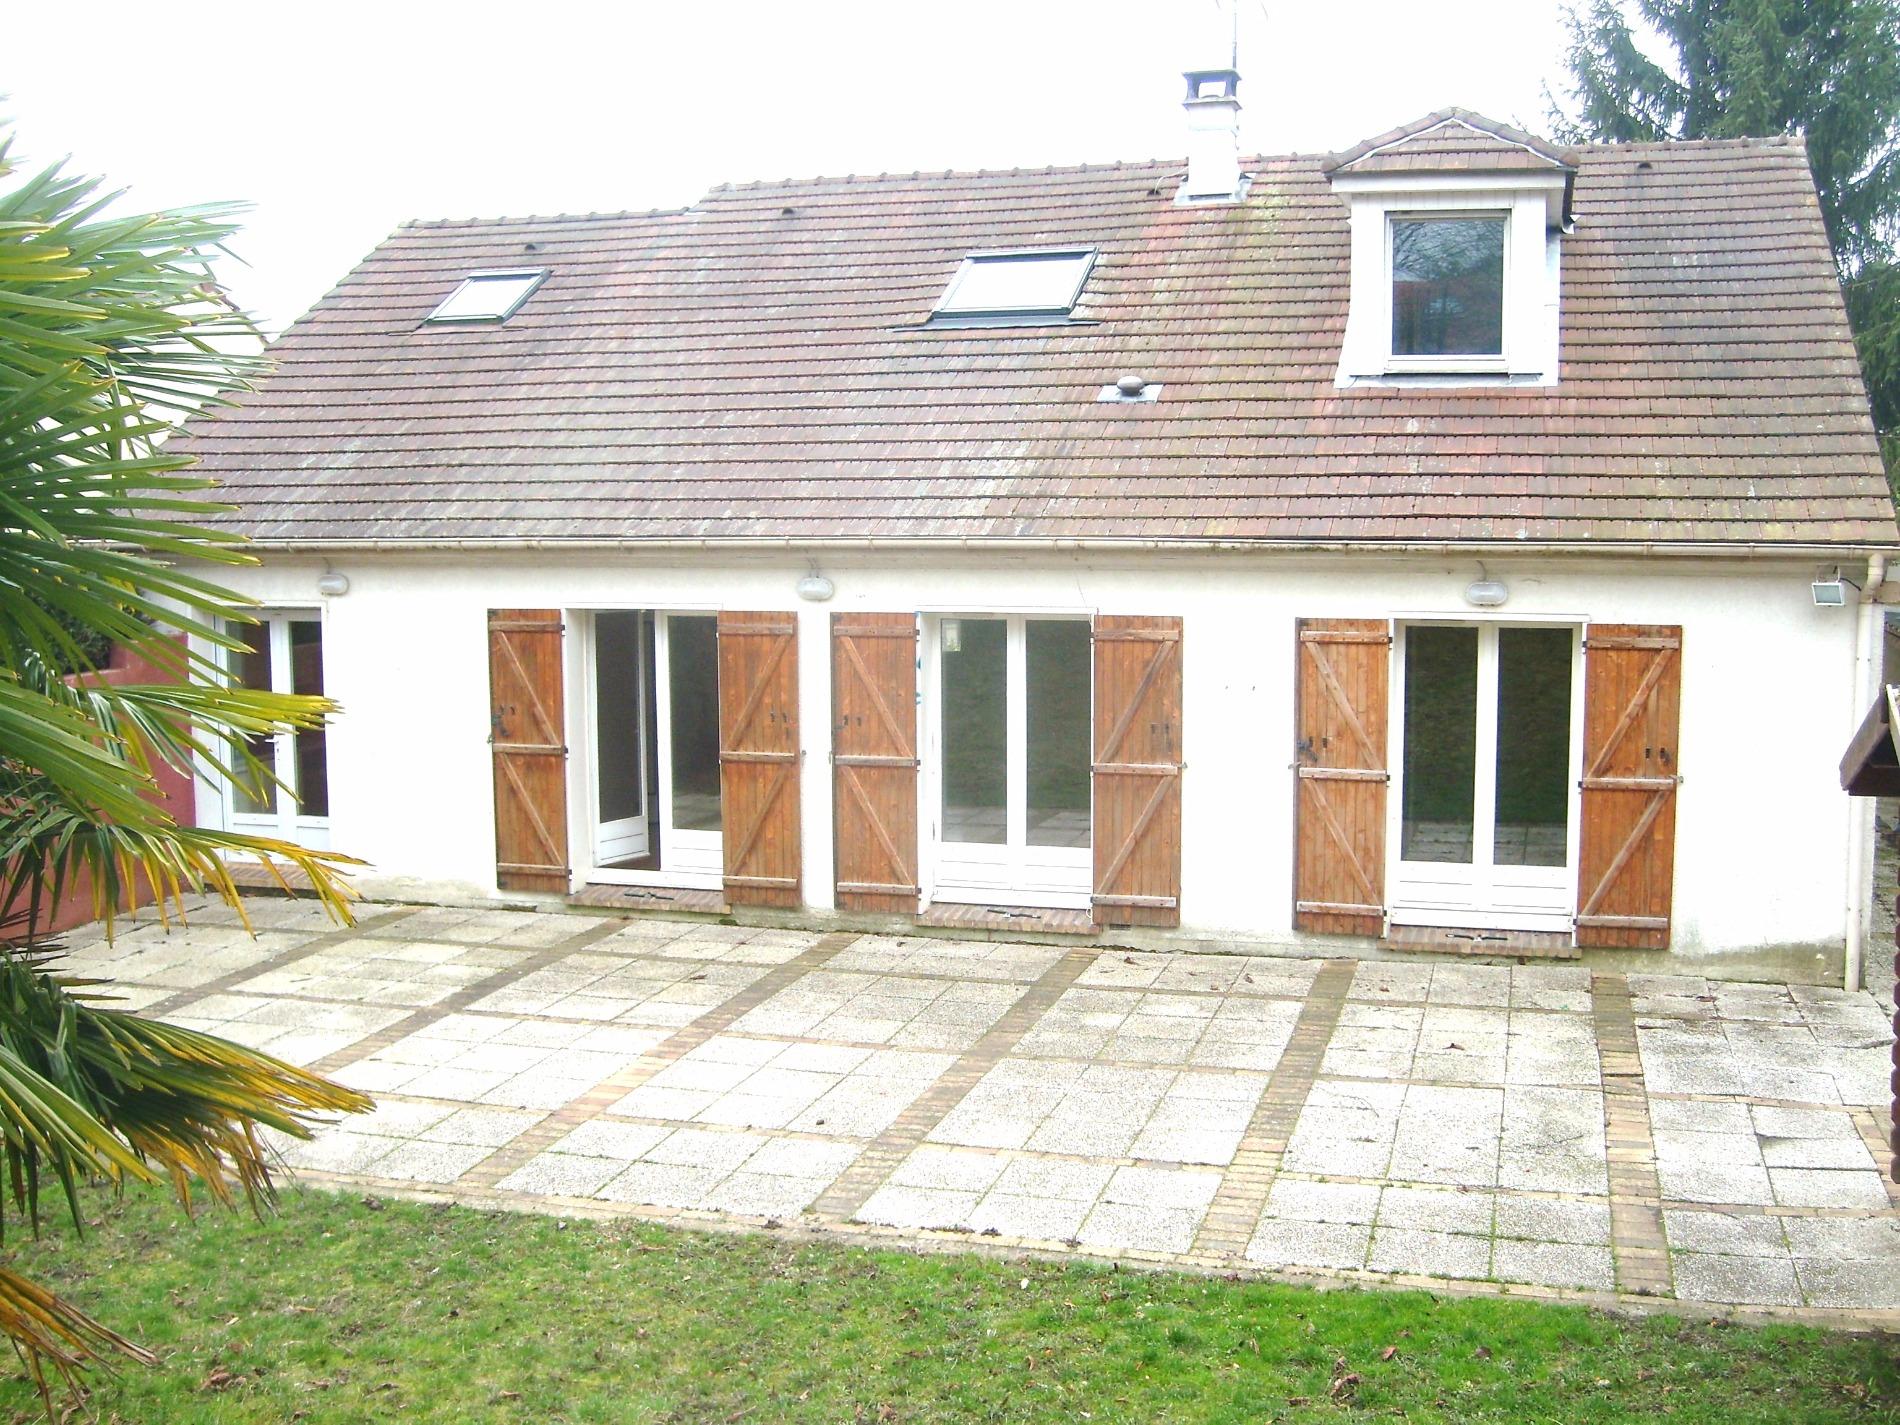 Vente maison kaufman broad avec 4 chambres garage et jardin for Modele maison kaufman broad